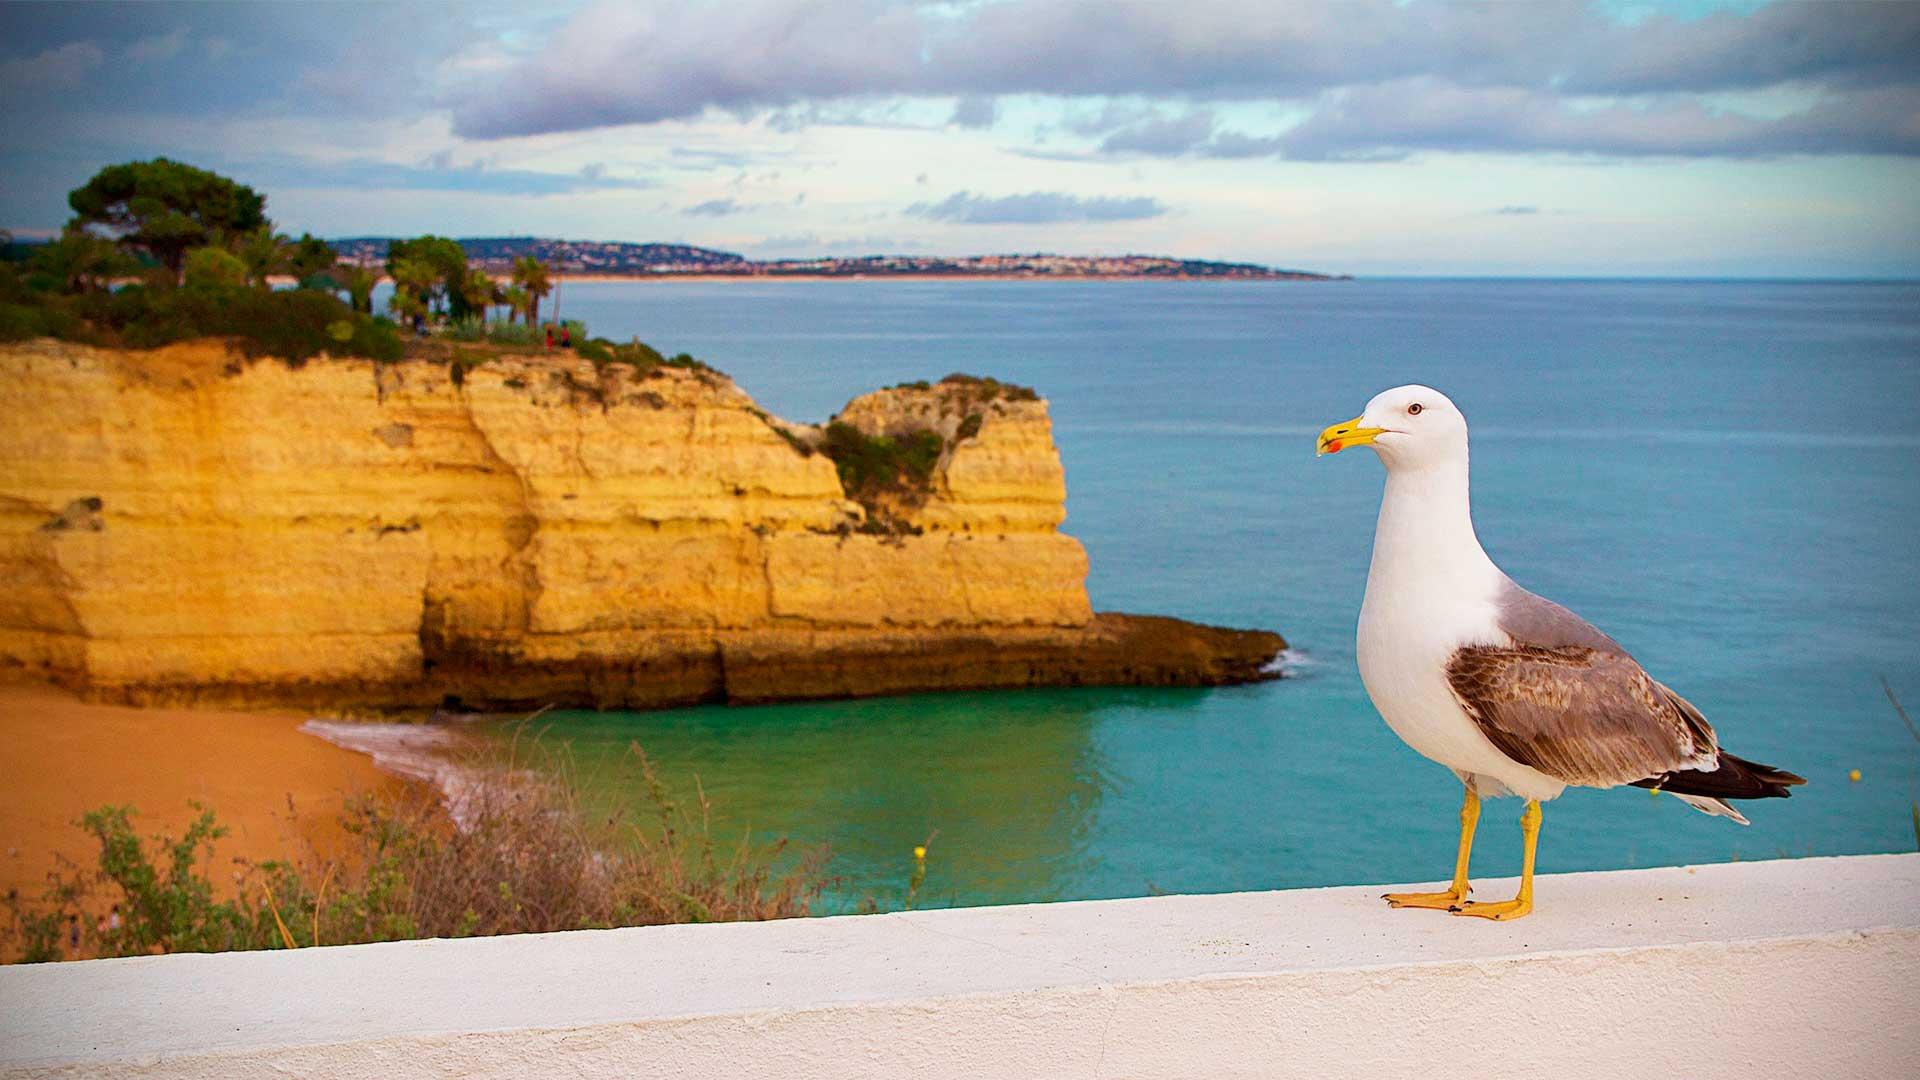 Turismo em Portugal: um caso de crescimento sustentado